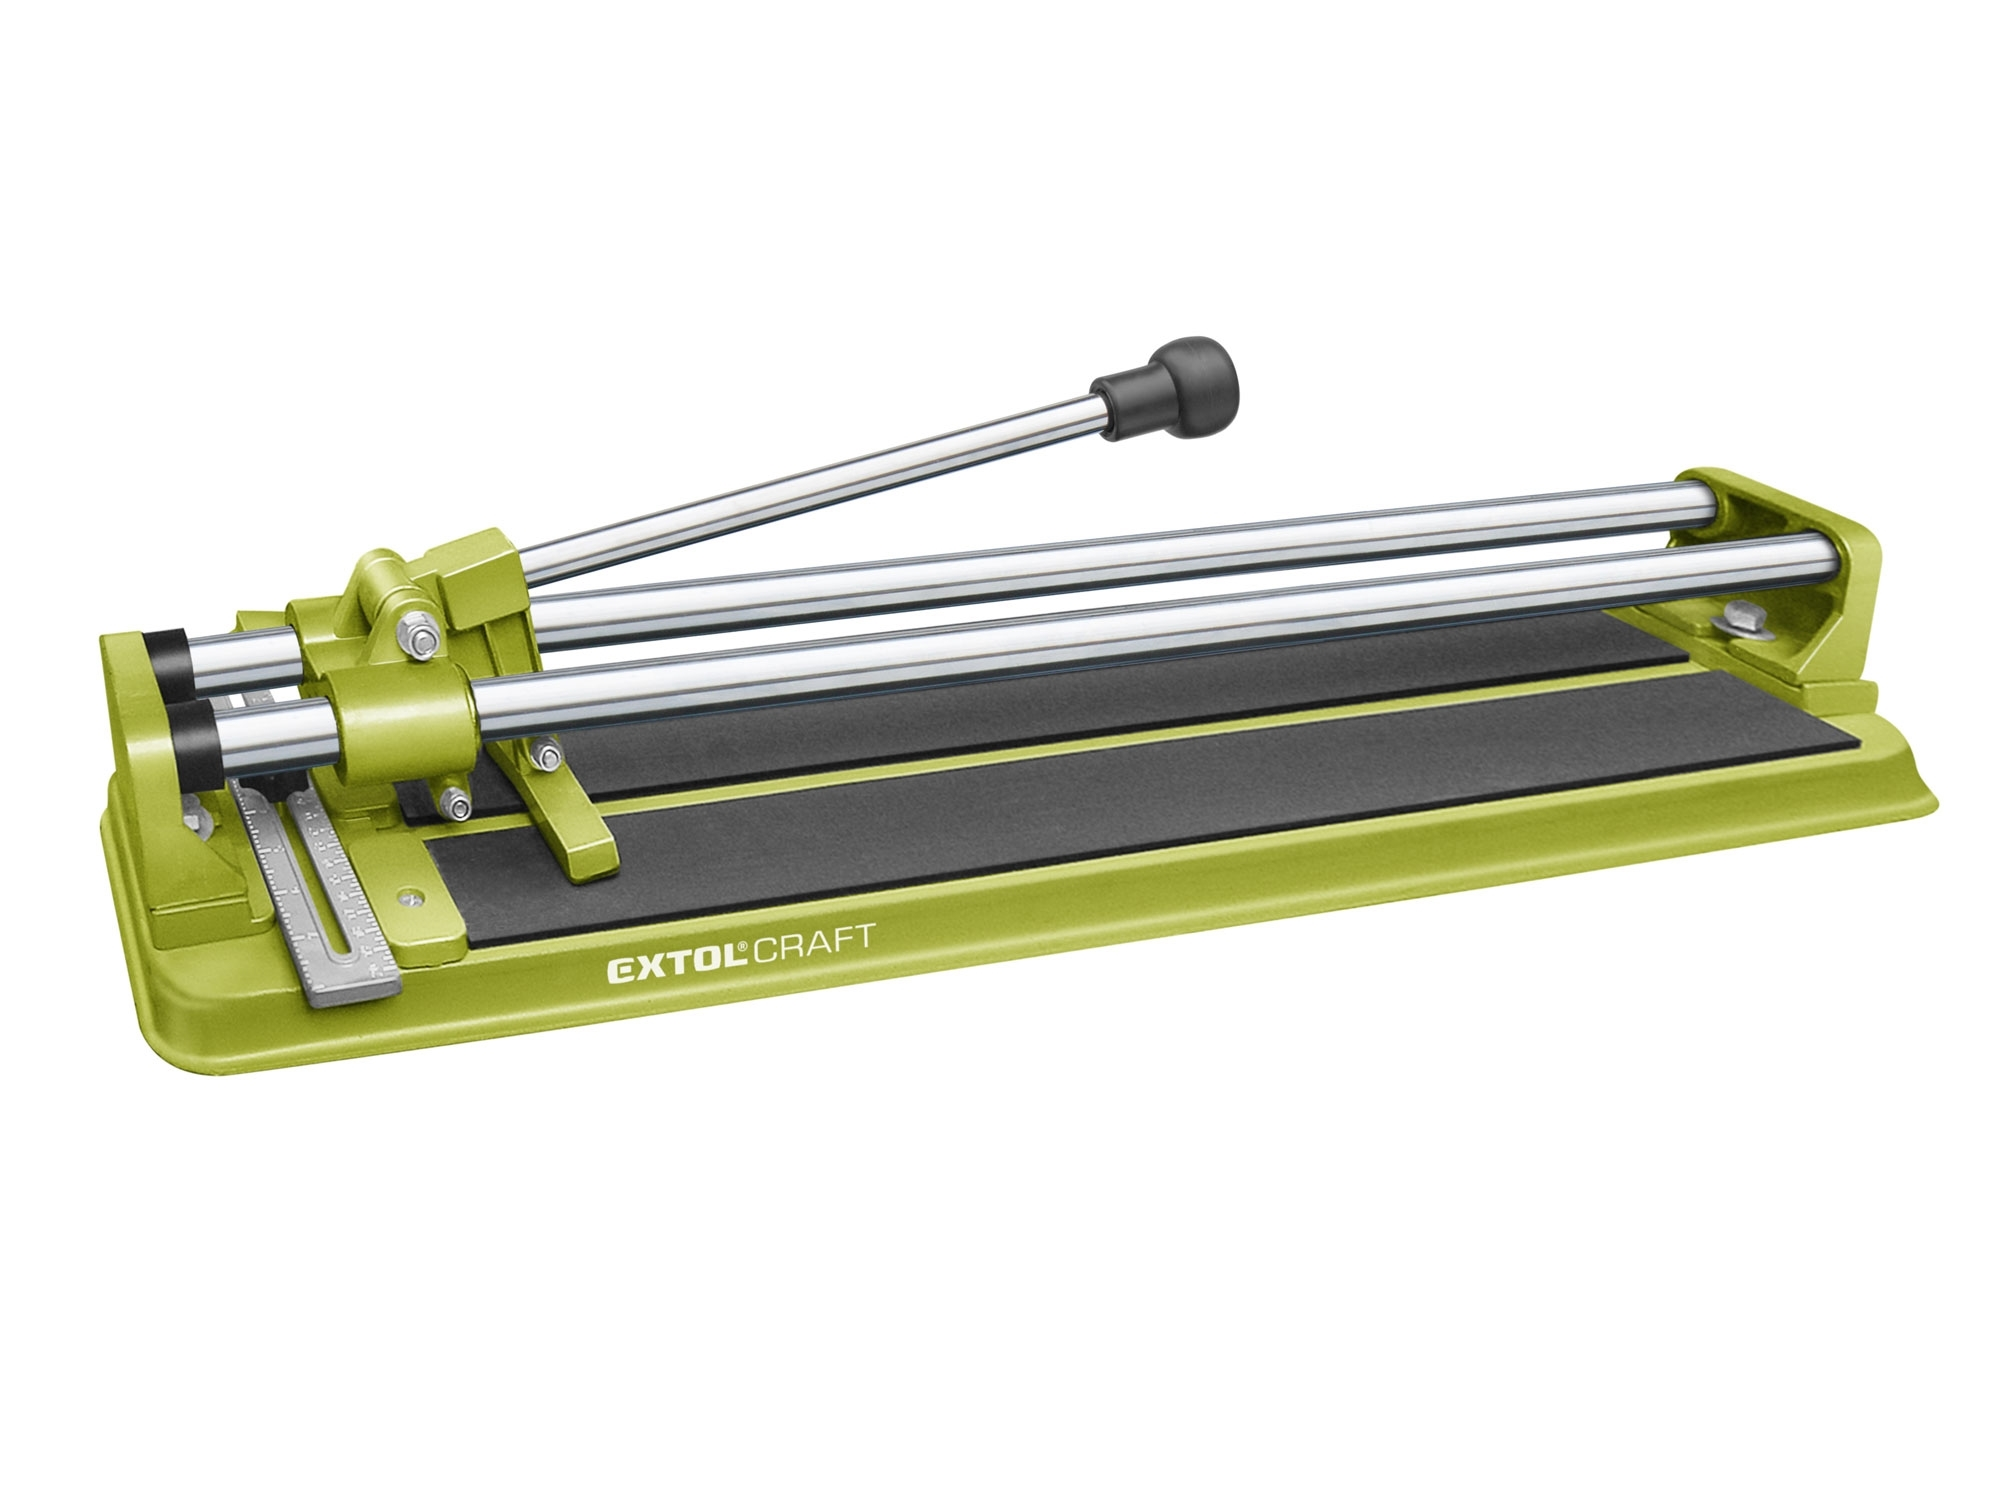 řezačka obkladaček 600mm, ložiskové uložení, 600mm, EXTOL CRAFT 100610